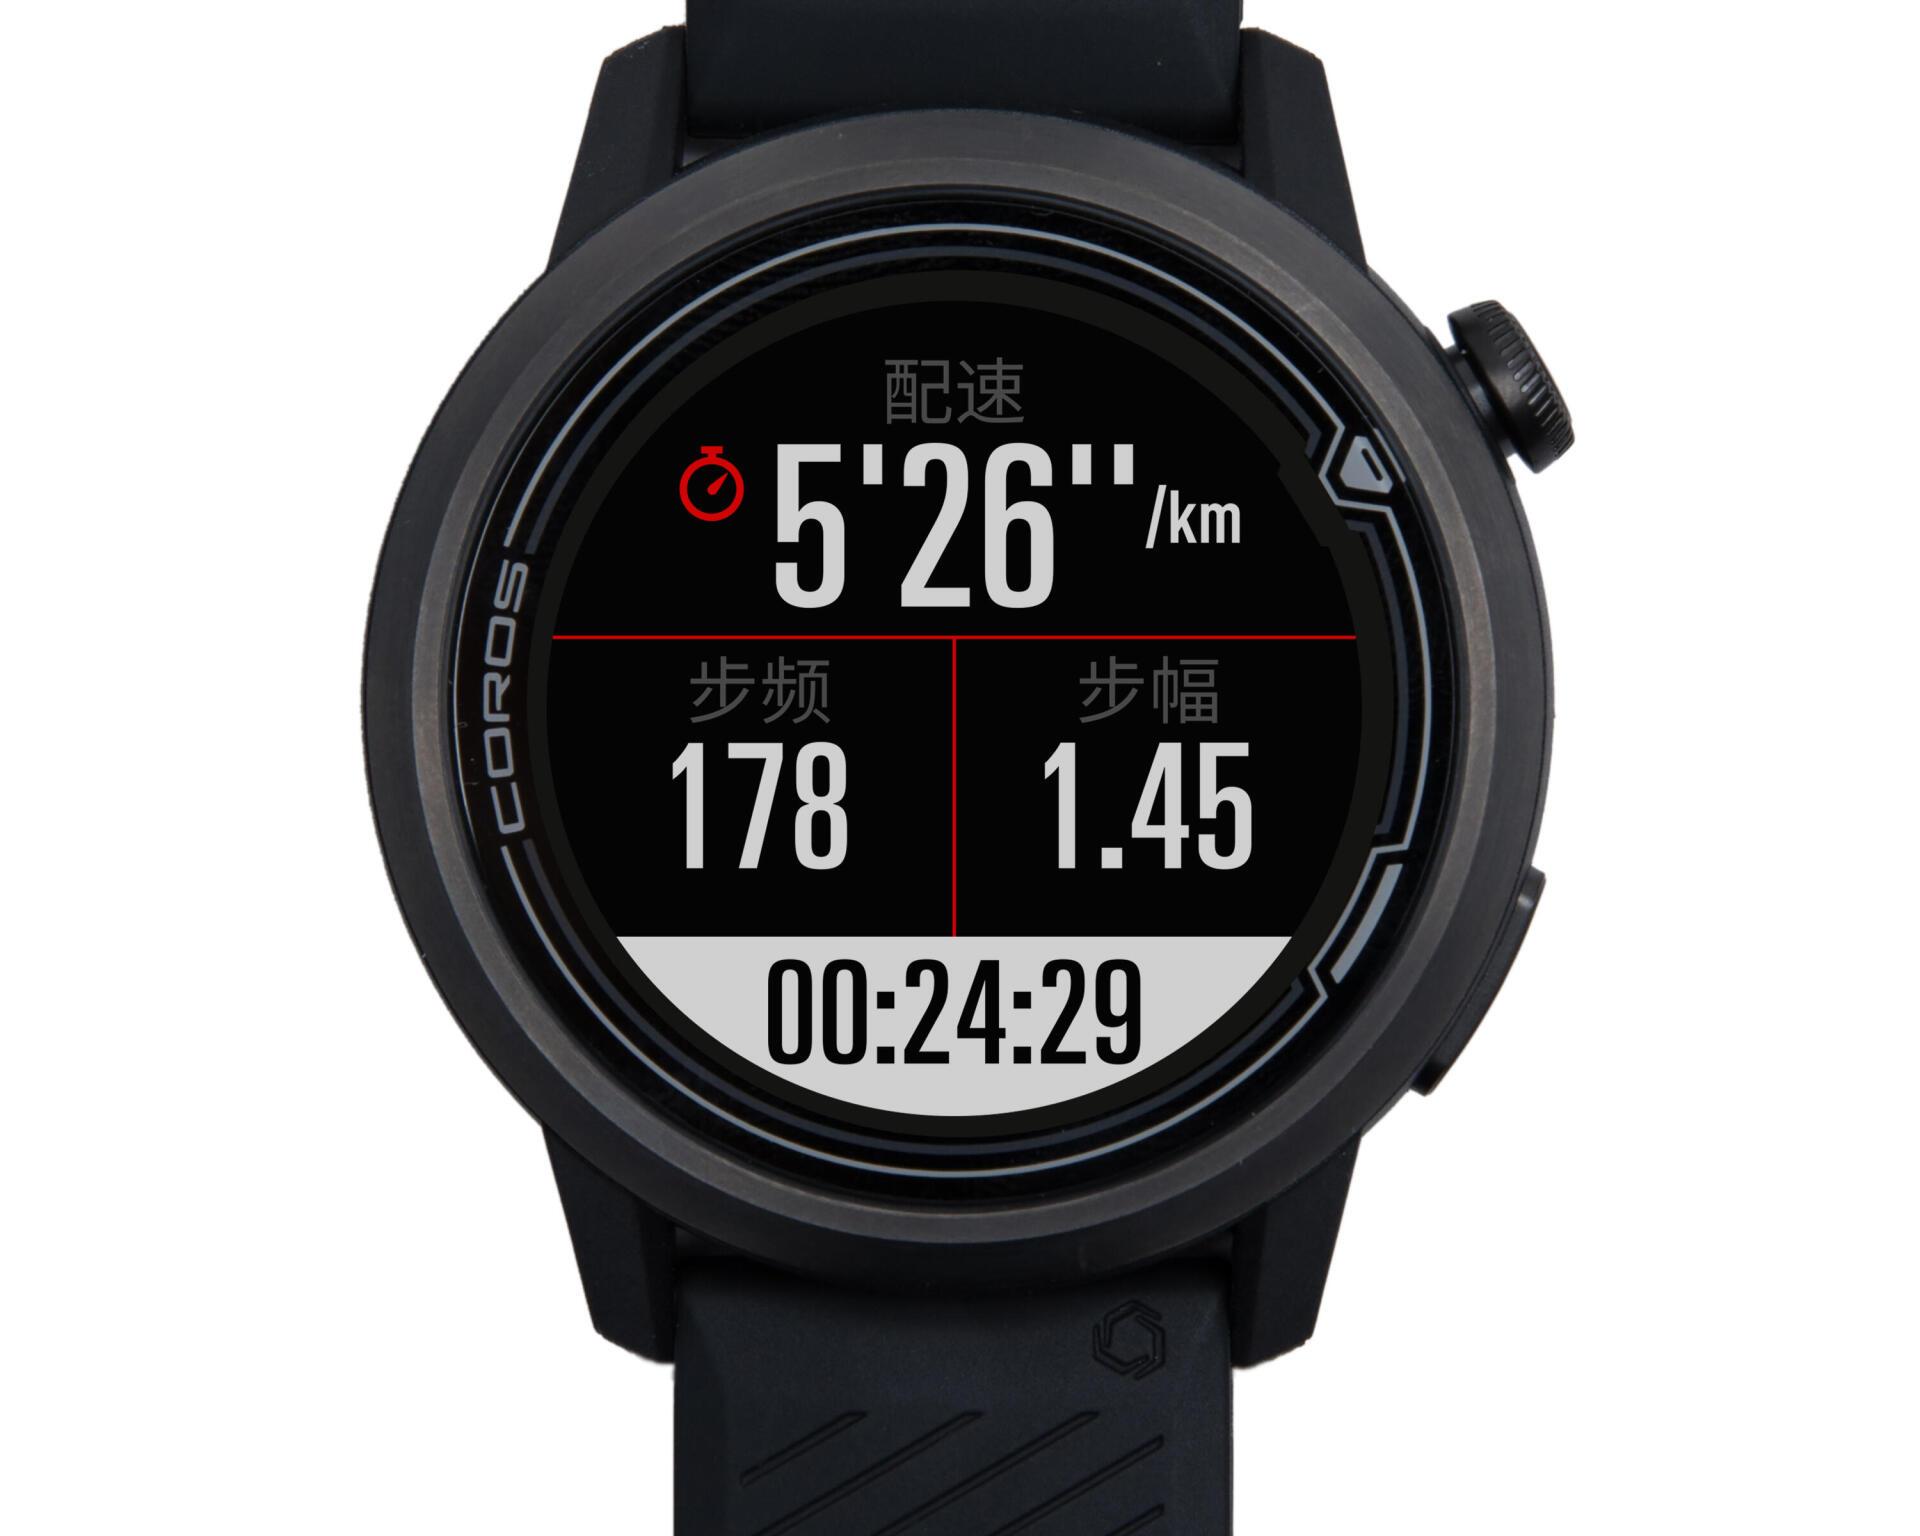 Connected watch GPS watch GPS hiking cardio watch GPS watch GPS running